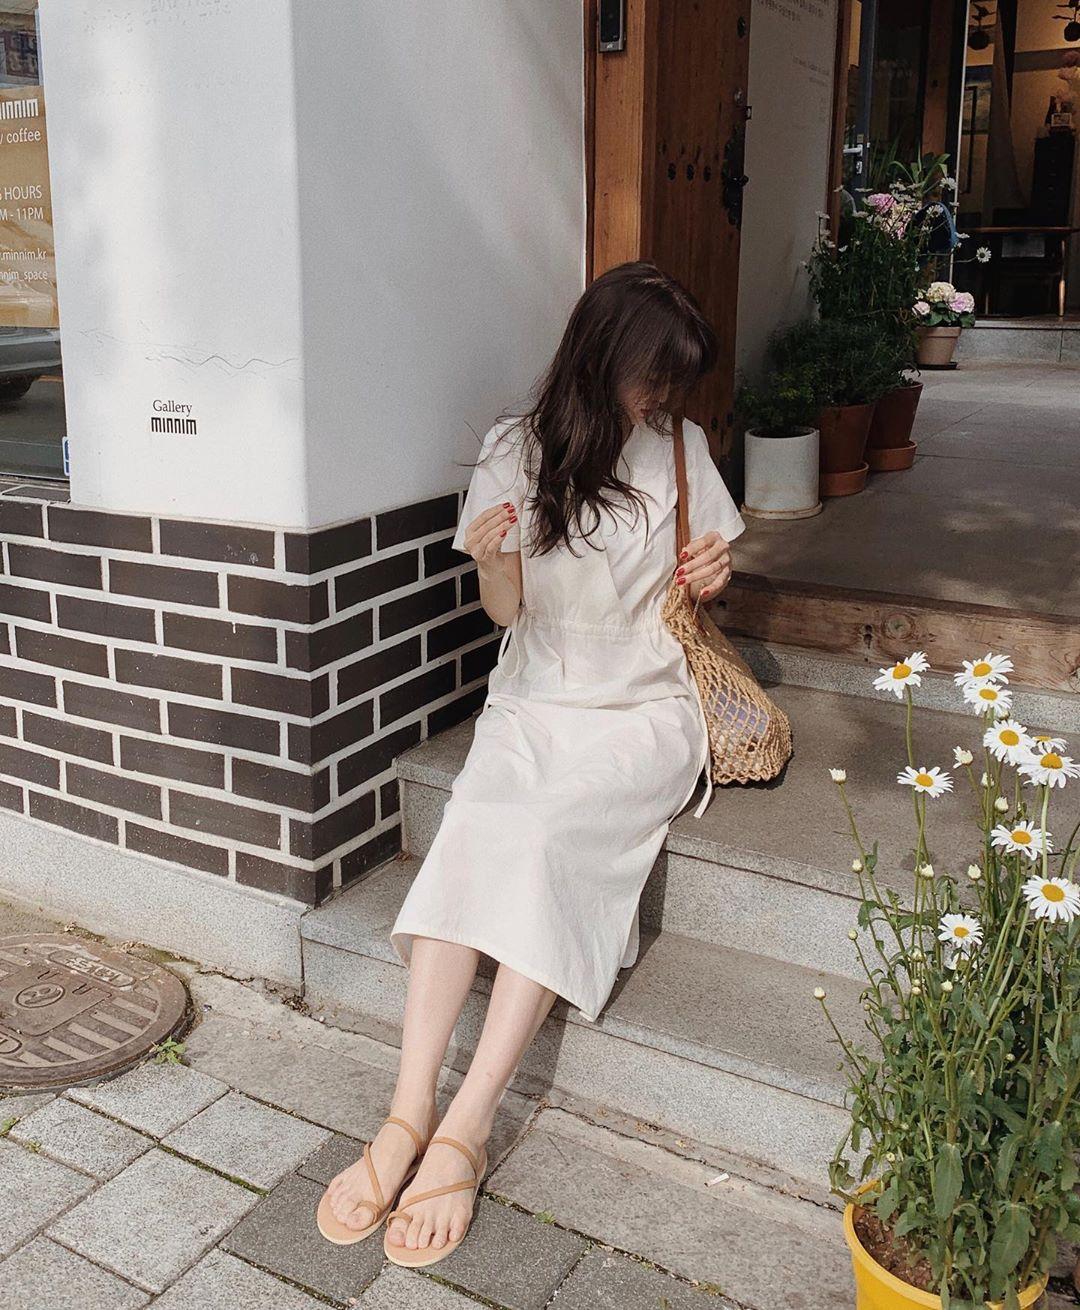 Sáng suốt nhất là tậu hết 5 mẫu váy hot trường tồn với thời gian sau đây, mặc chỉ xịn đẹp trở lên chứ không kém - Ảnh 14.